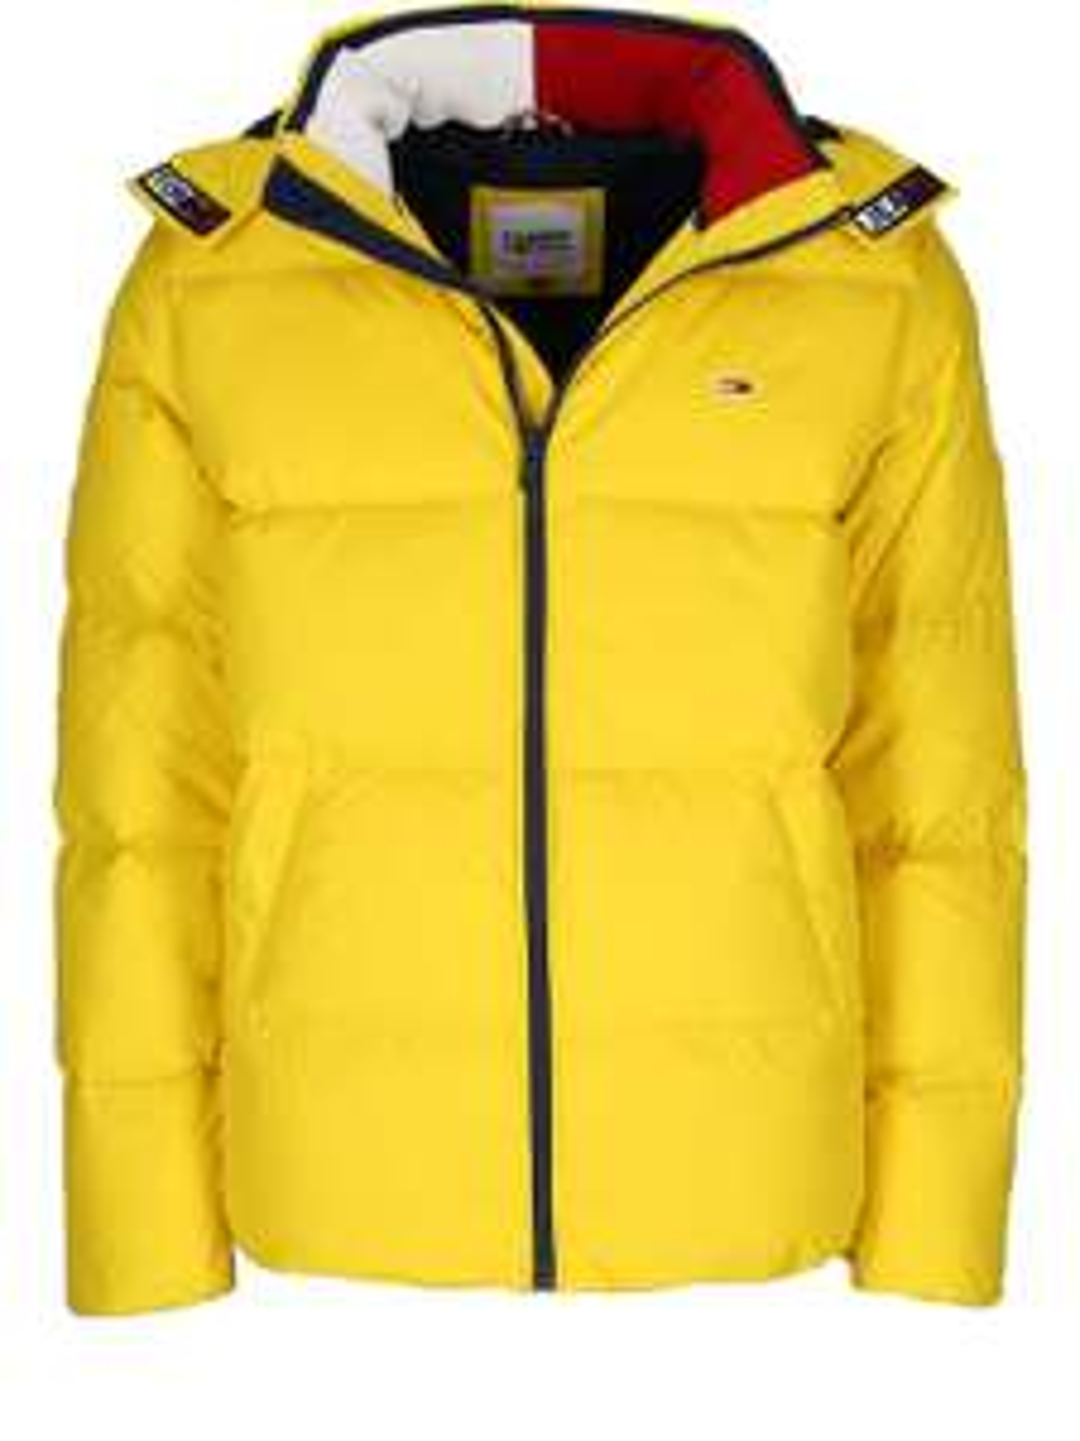 Tommy Hilfiger Essential Down-Filled Jacket (DM0DM08762)